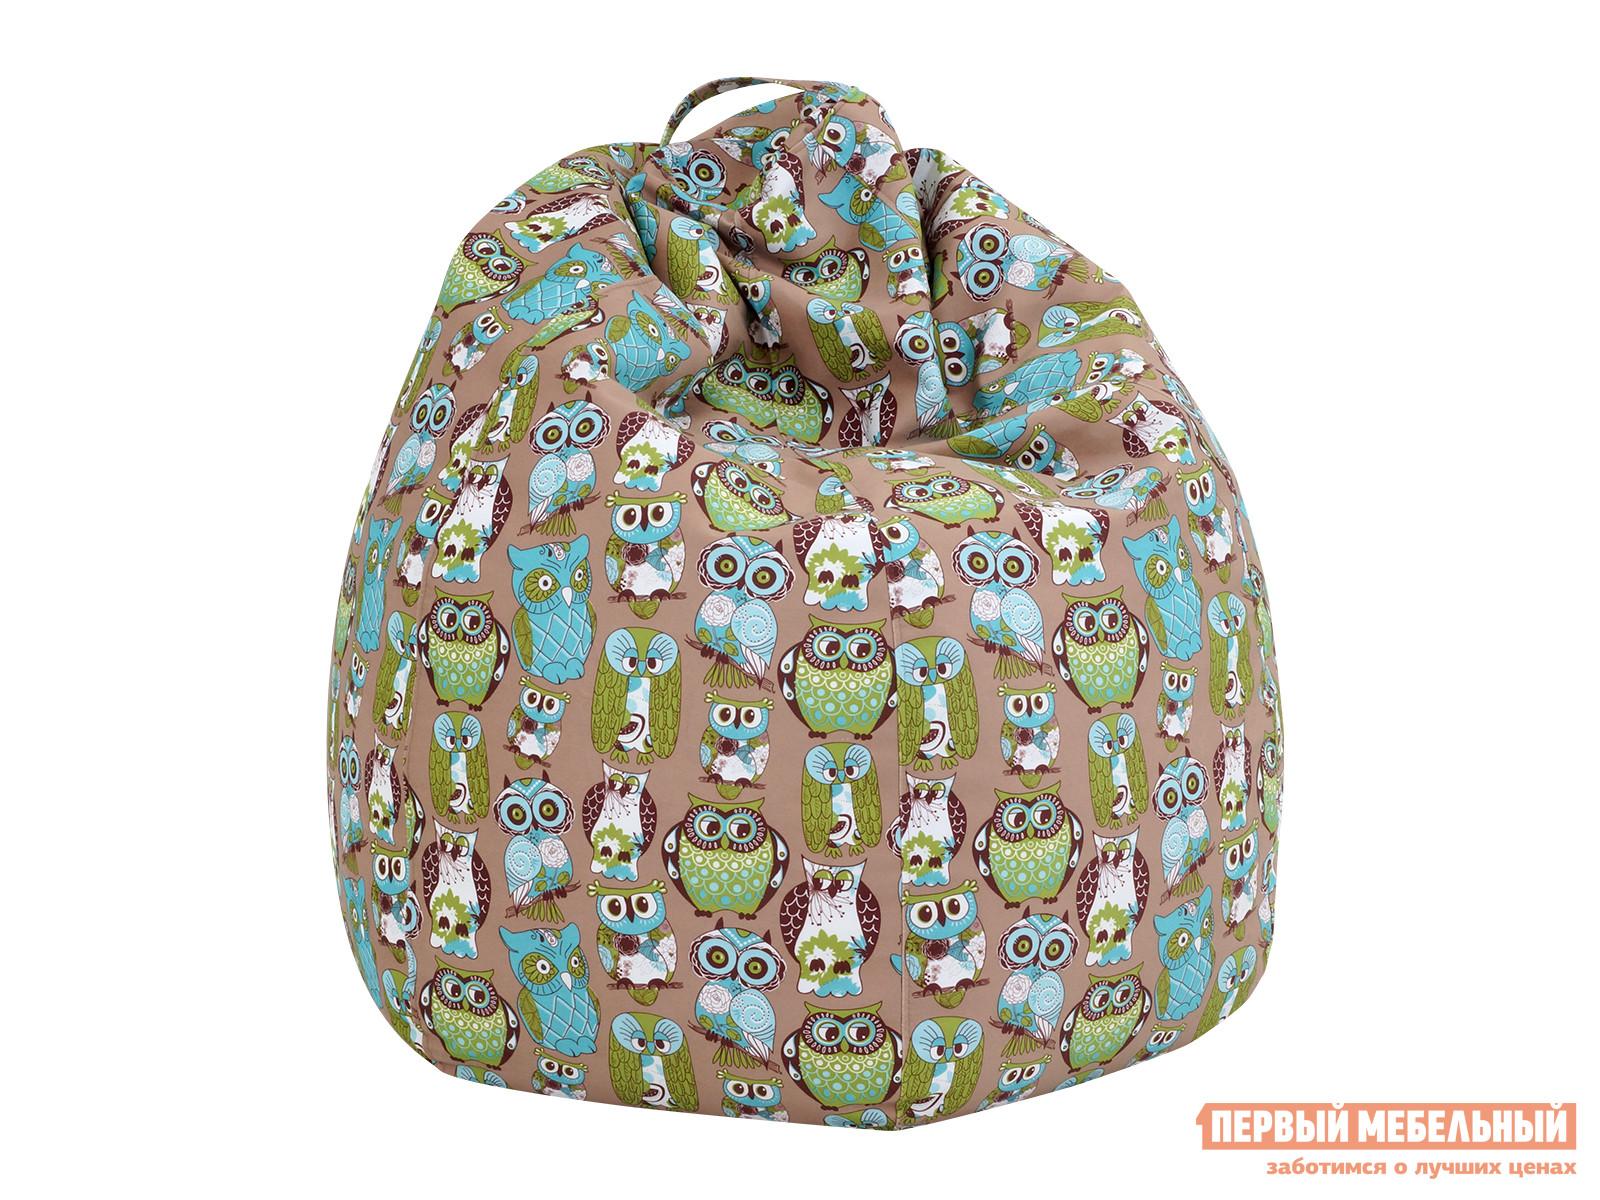 Кресло-мешок ОГОГО Обстановочка! Lux Ткань Fashion Birds Green (зеленые совы)